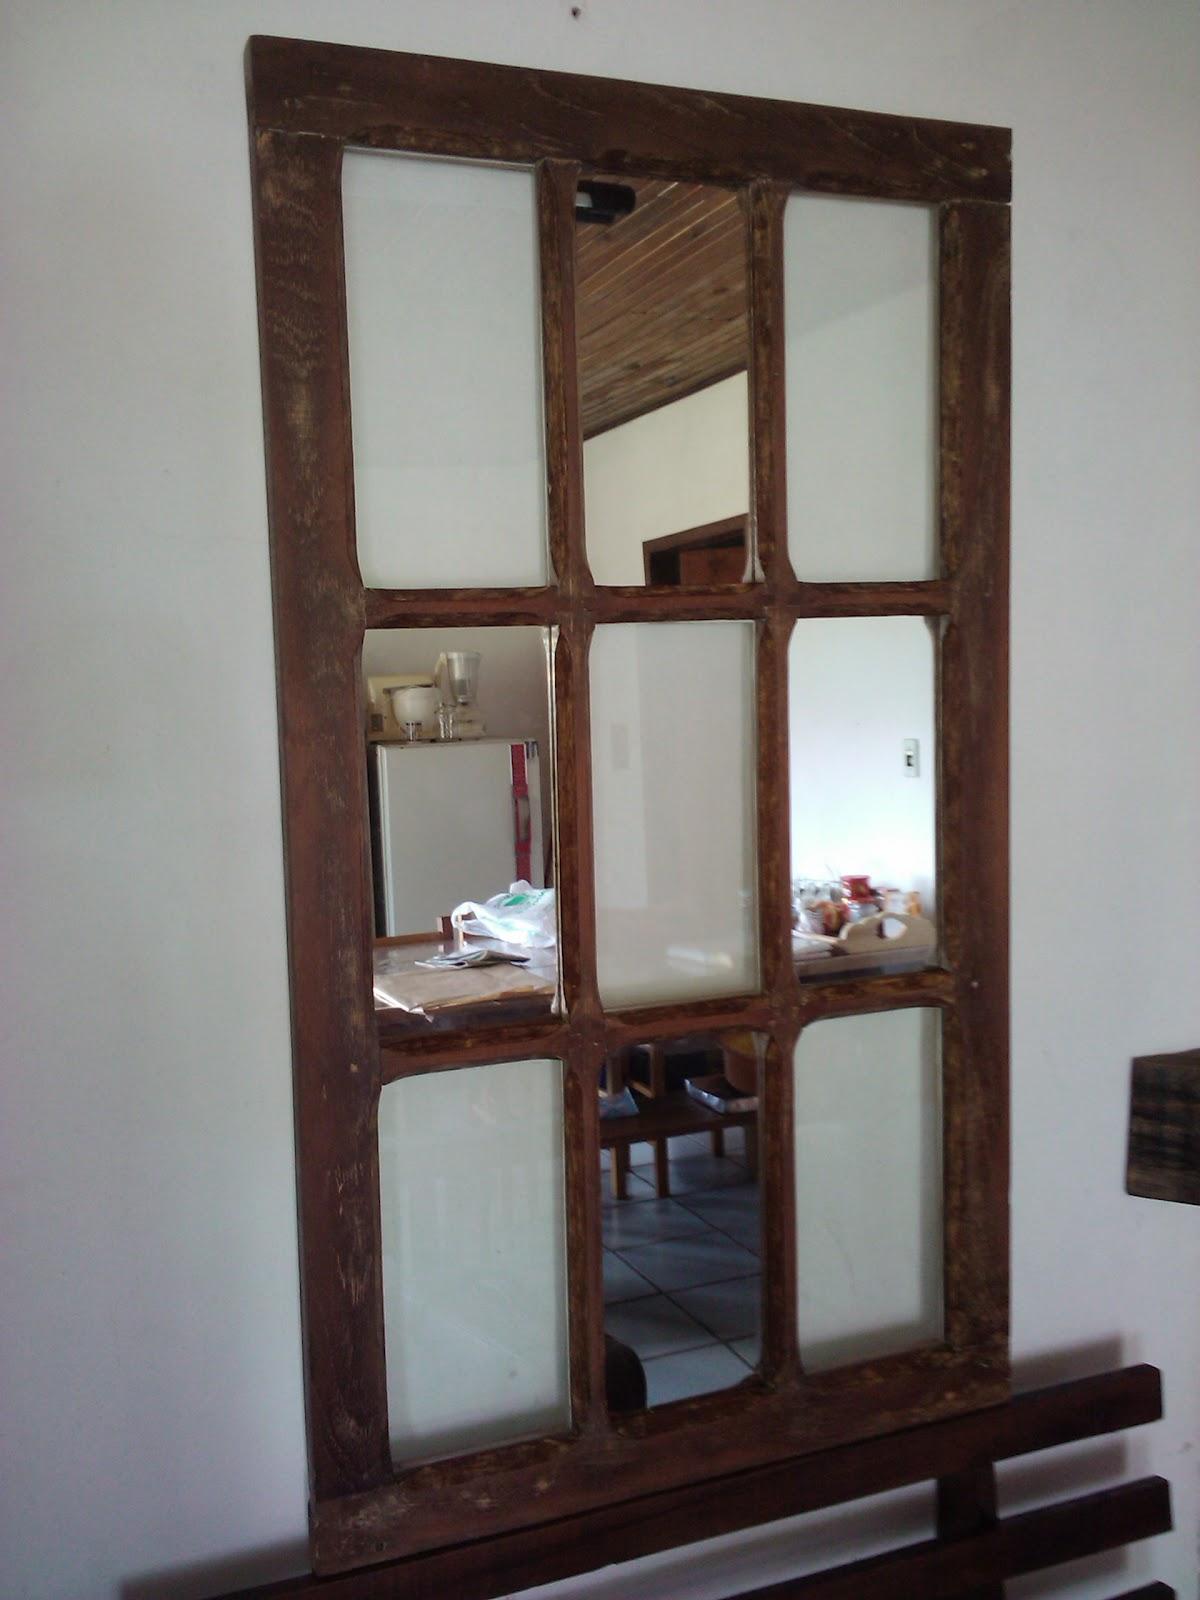 Artes do Dinho: Porta retrato de janela de demolição #5E4234 1200x1600 Balcao Banheiro Artesanal